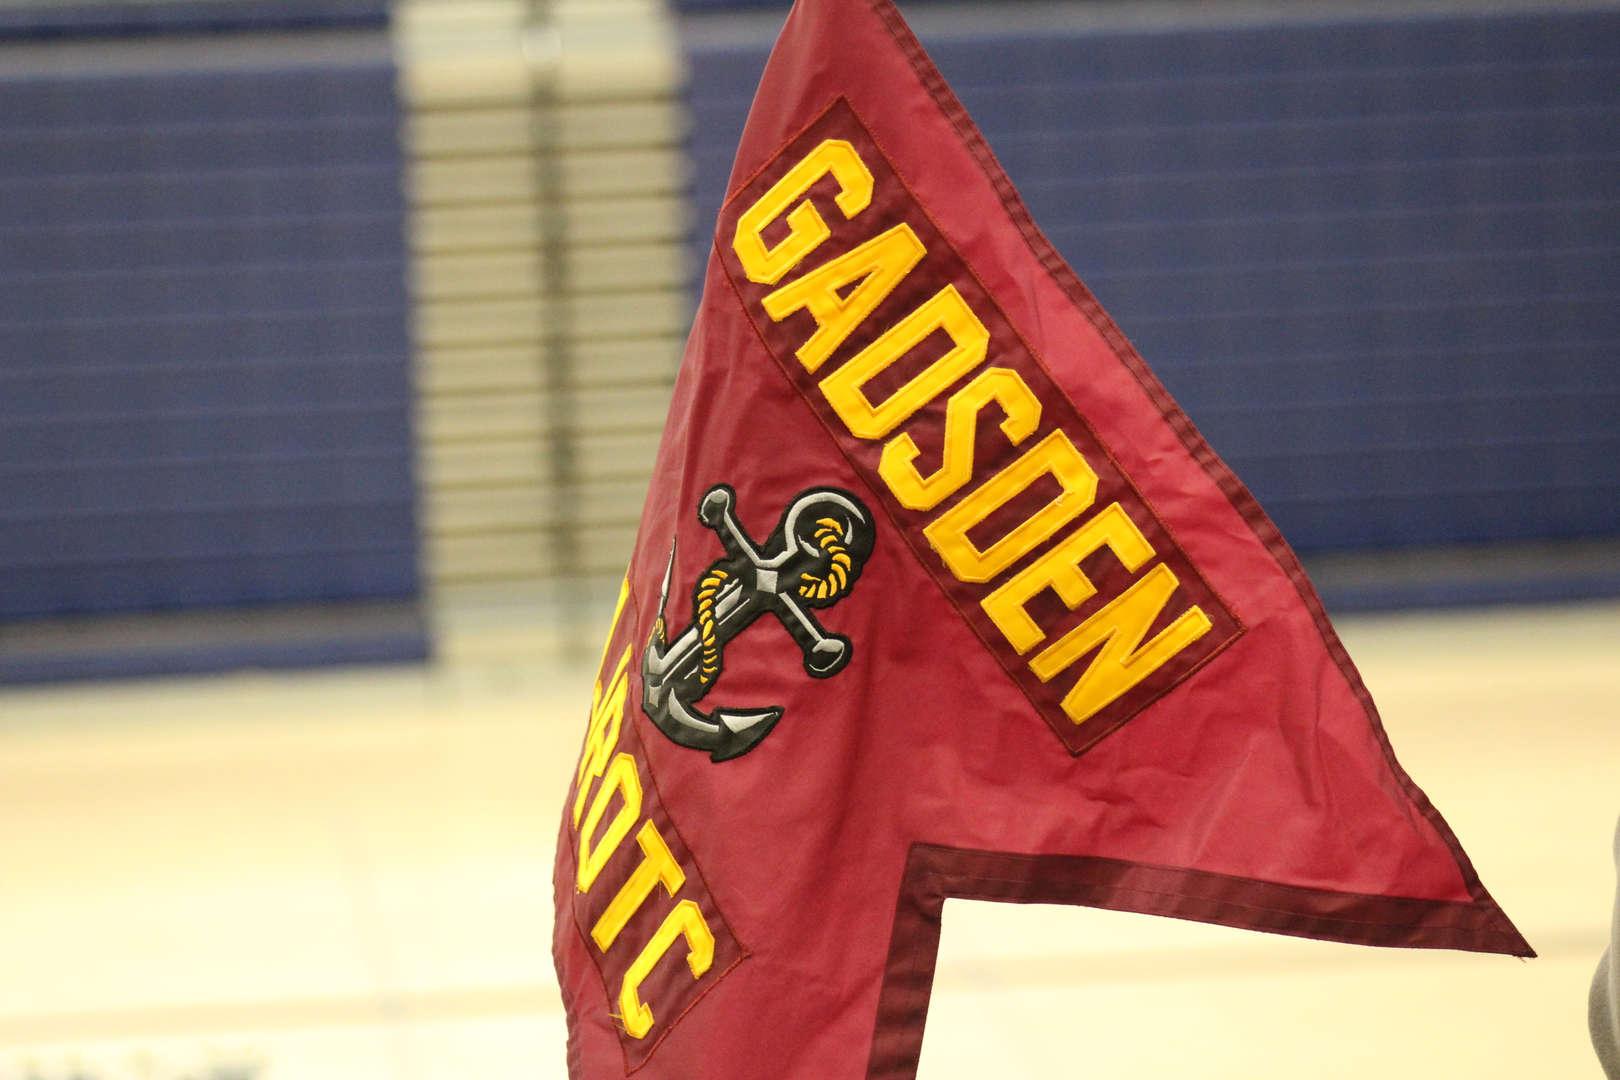 Gadsden ROTC emblem